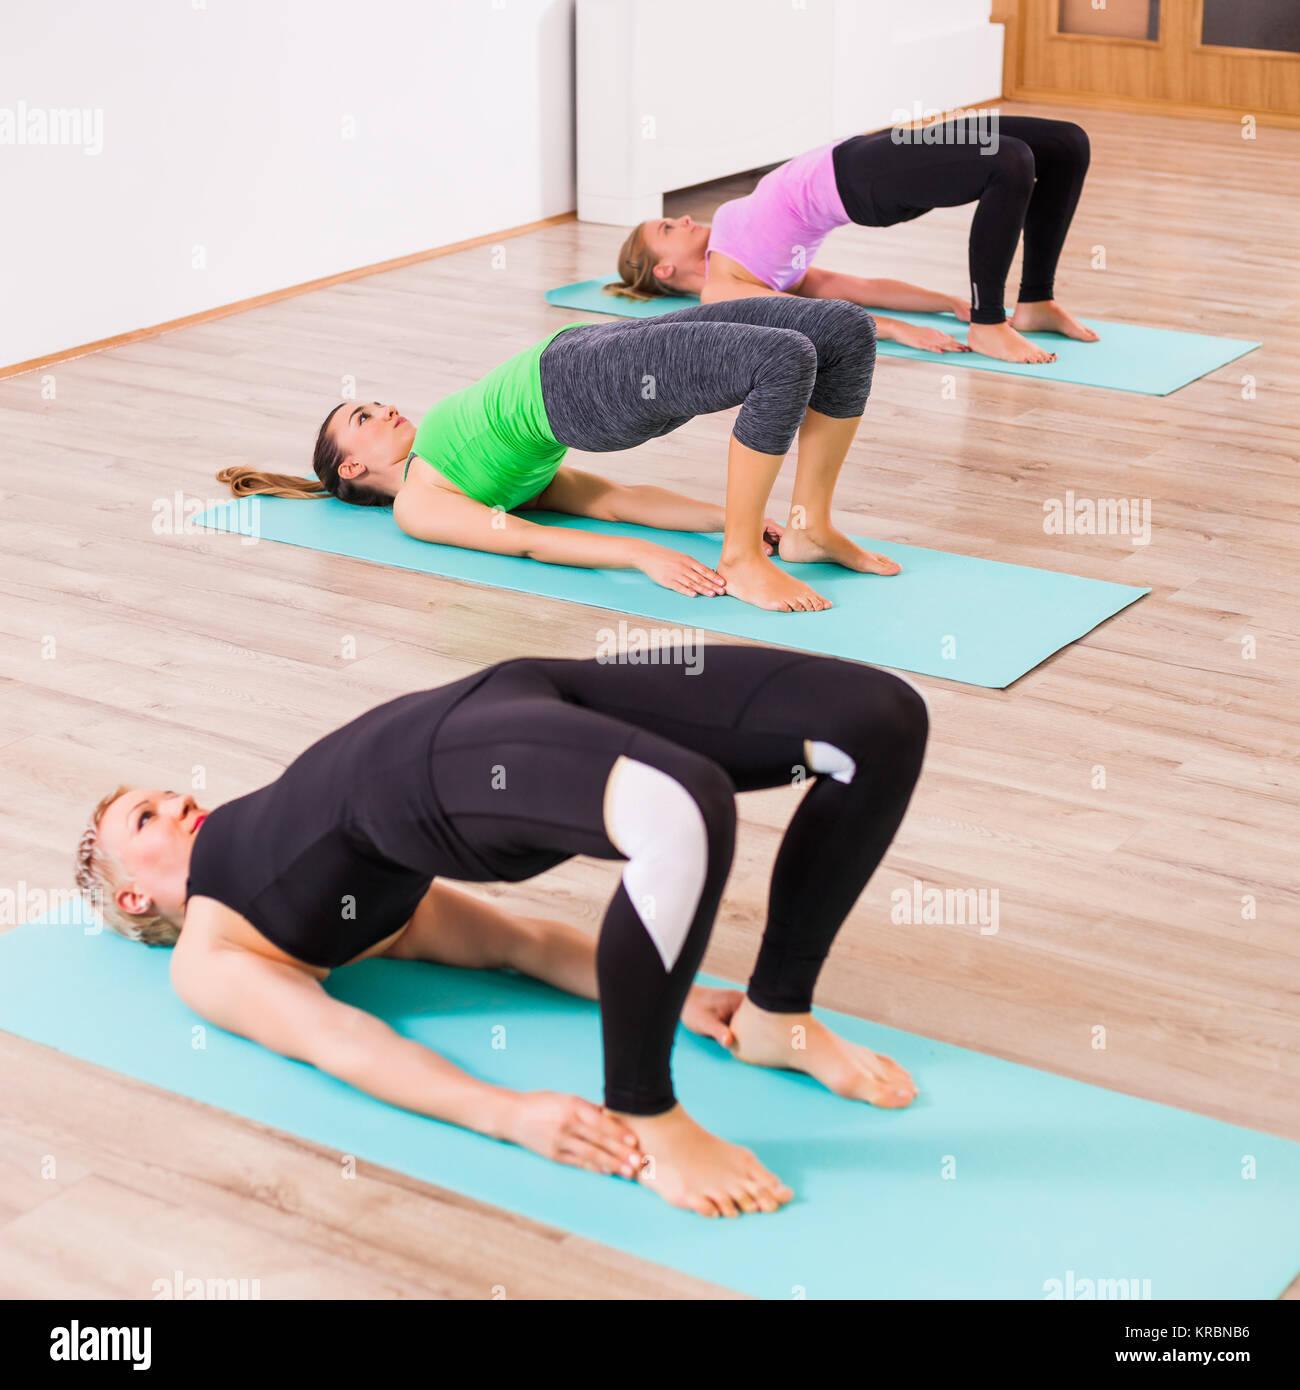 Three girls practicing yoga, Setuasana / Little Bridge pose - Stock Image